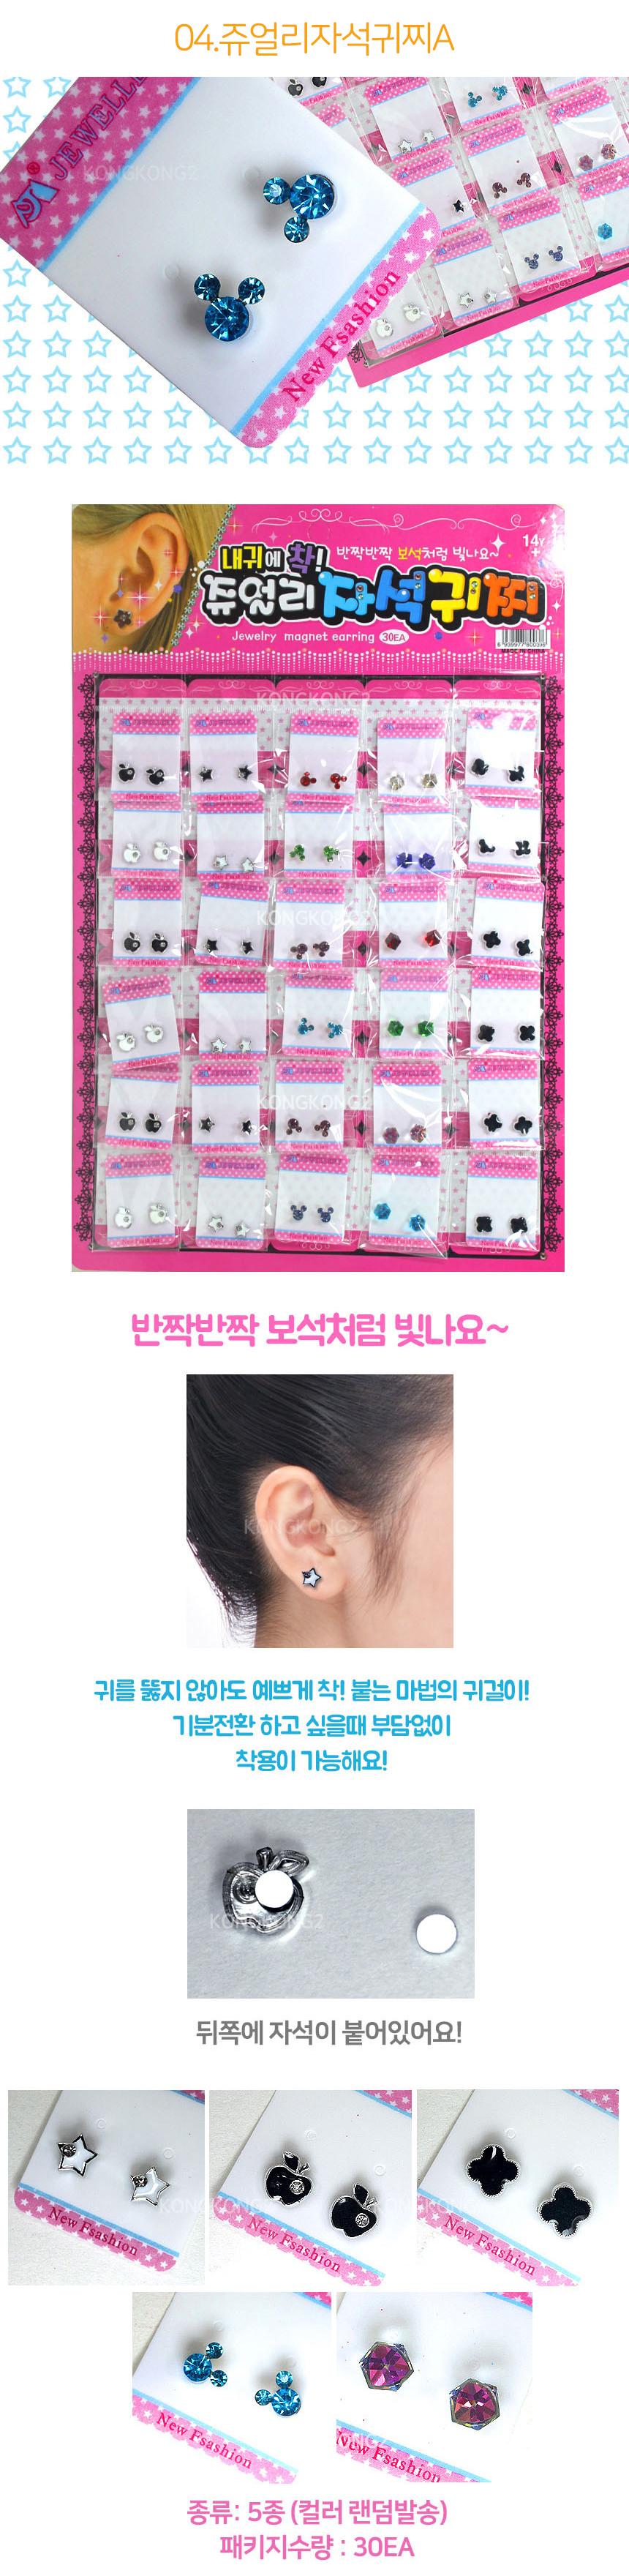 accessories_04.jpg